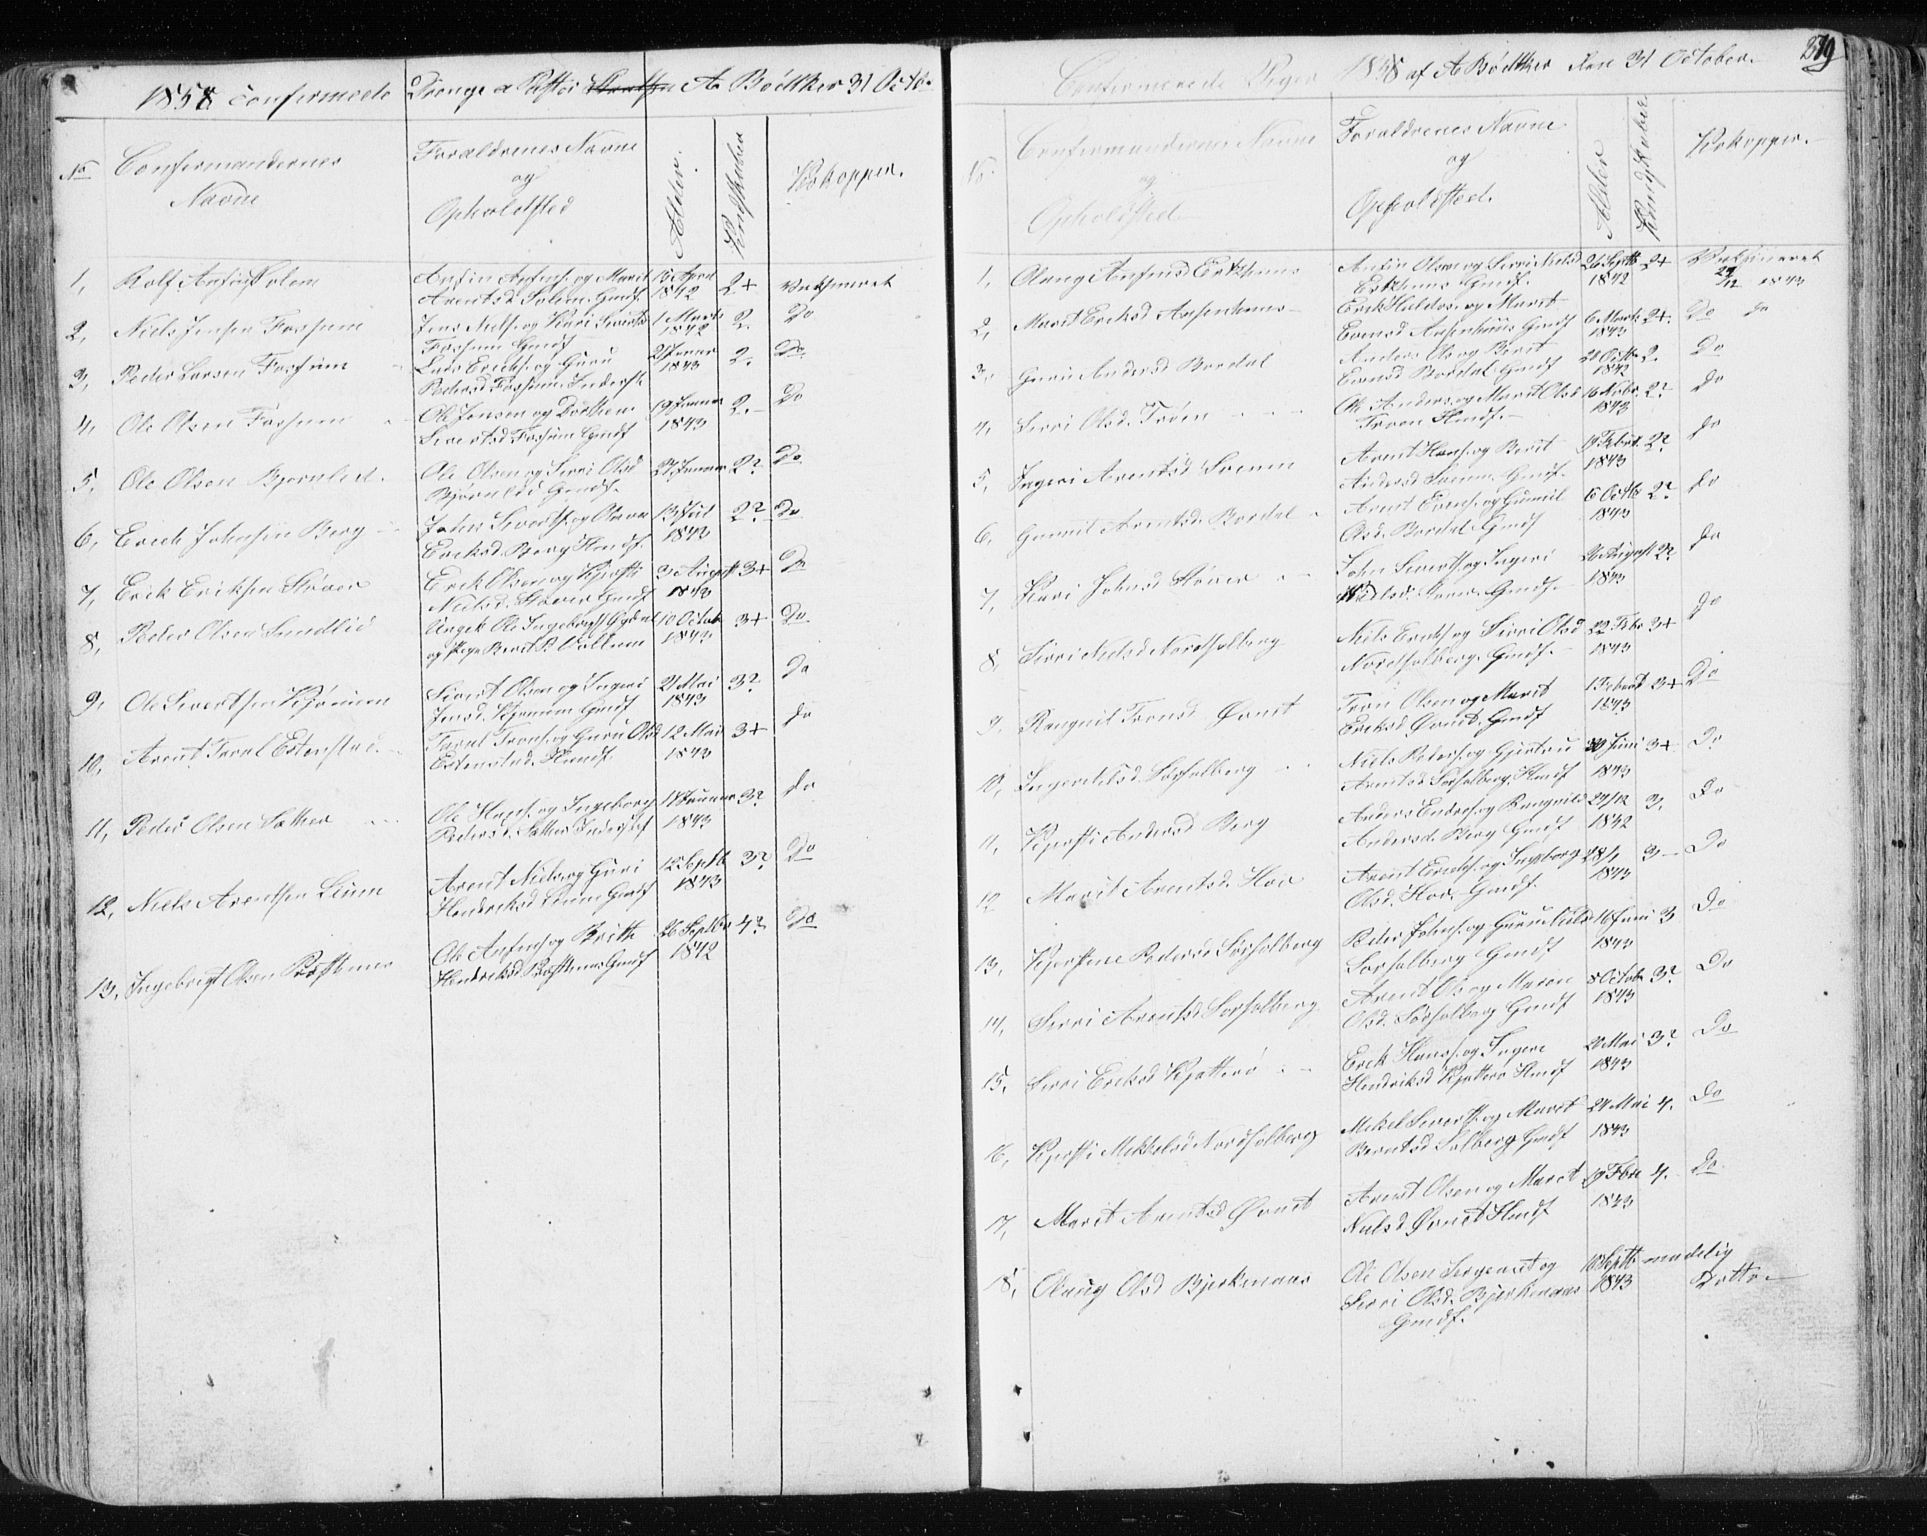 SAT, Ministerialprotokoller, klokkerbøker og fødselsregistre - Sør-Trøndelag, 689/L1043: Klokkerbok nr. 689C02, 1816-1892, s. 279